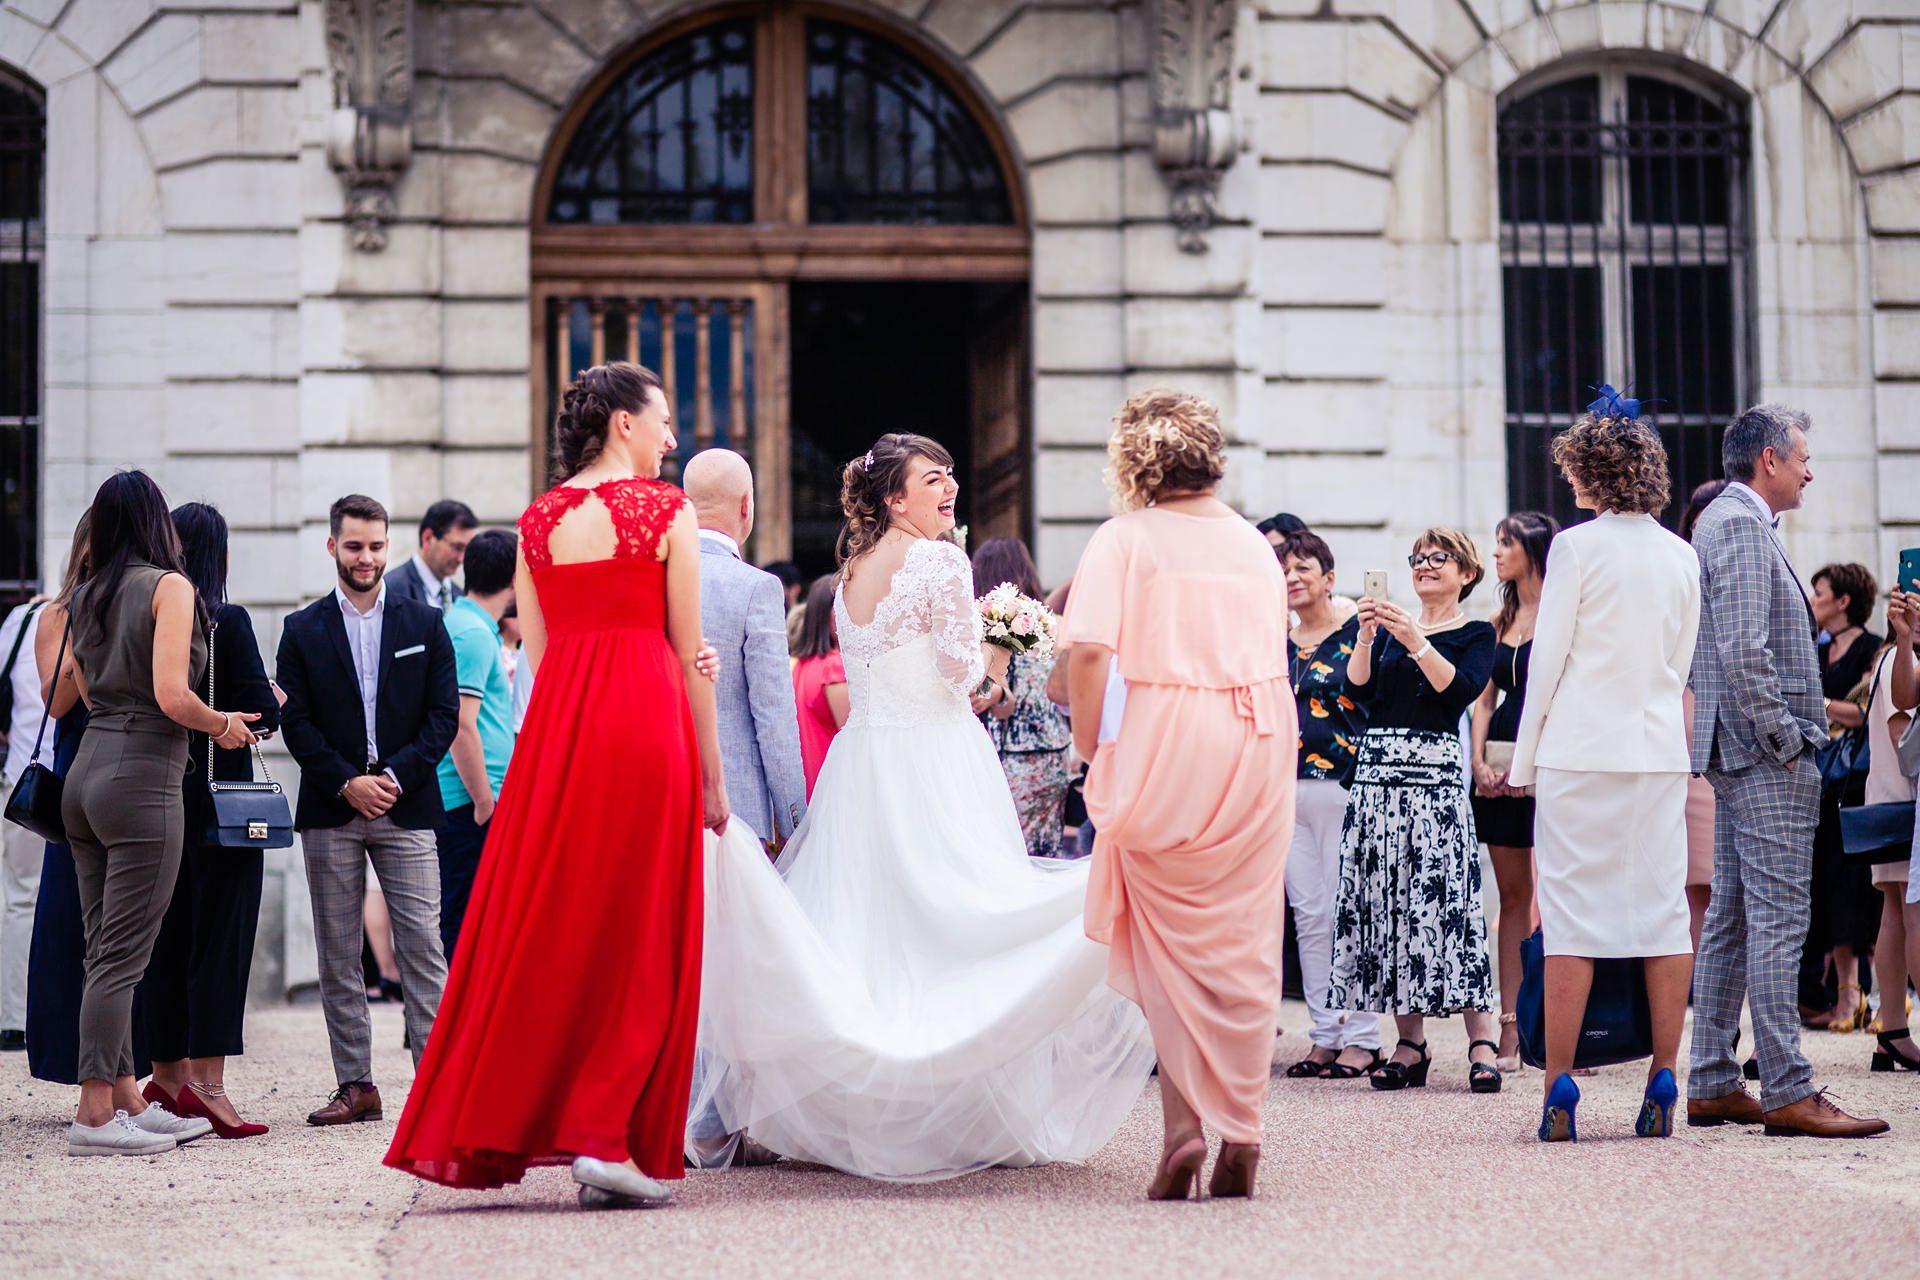 Photographe de mariage en Savoie à Chambéry